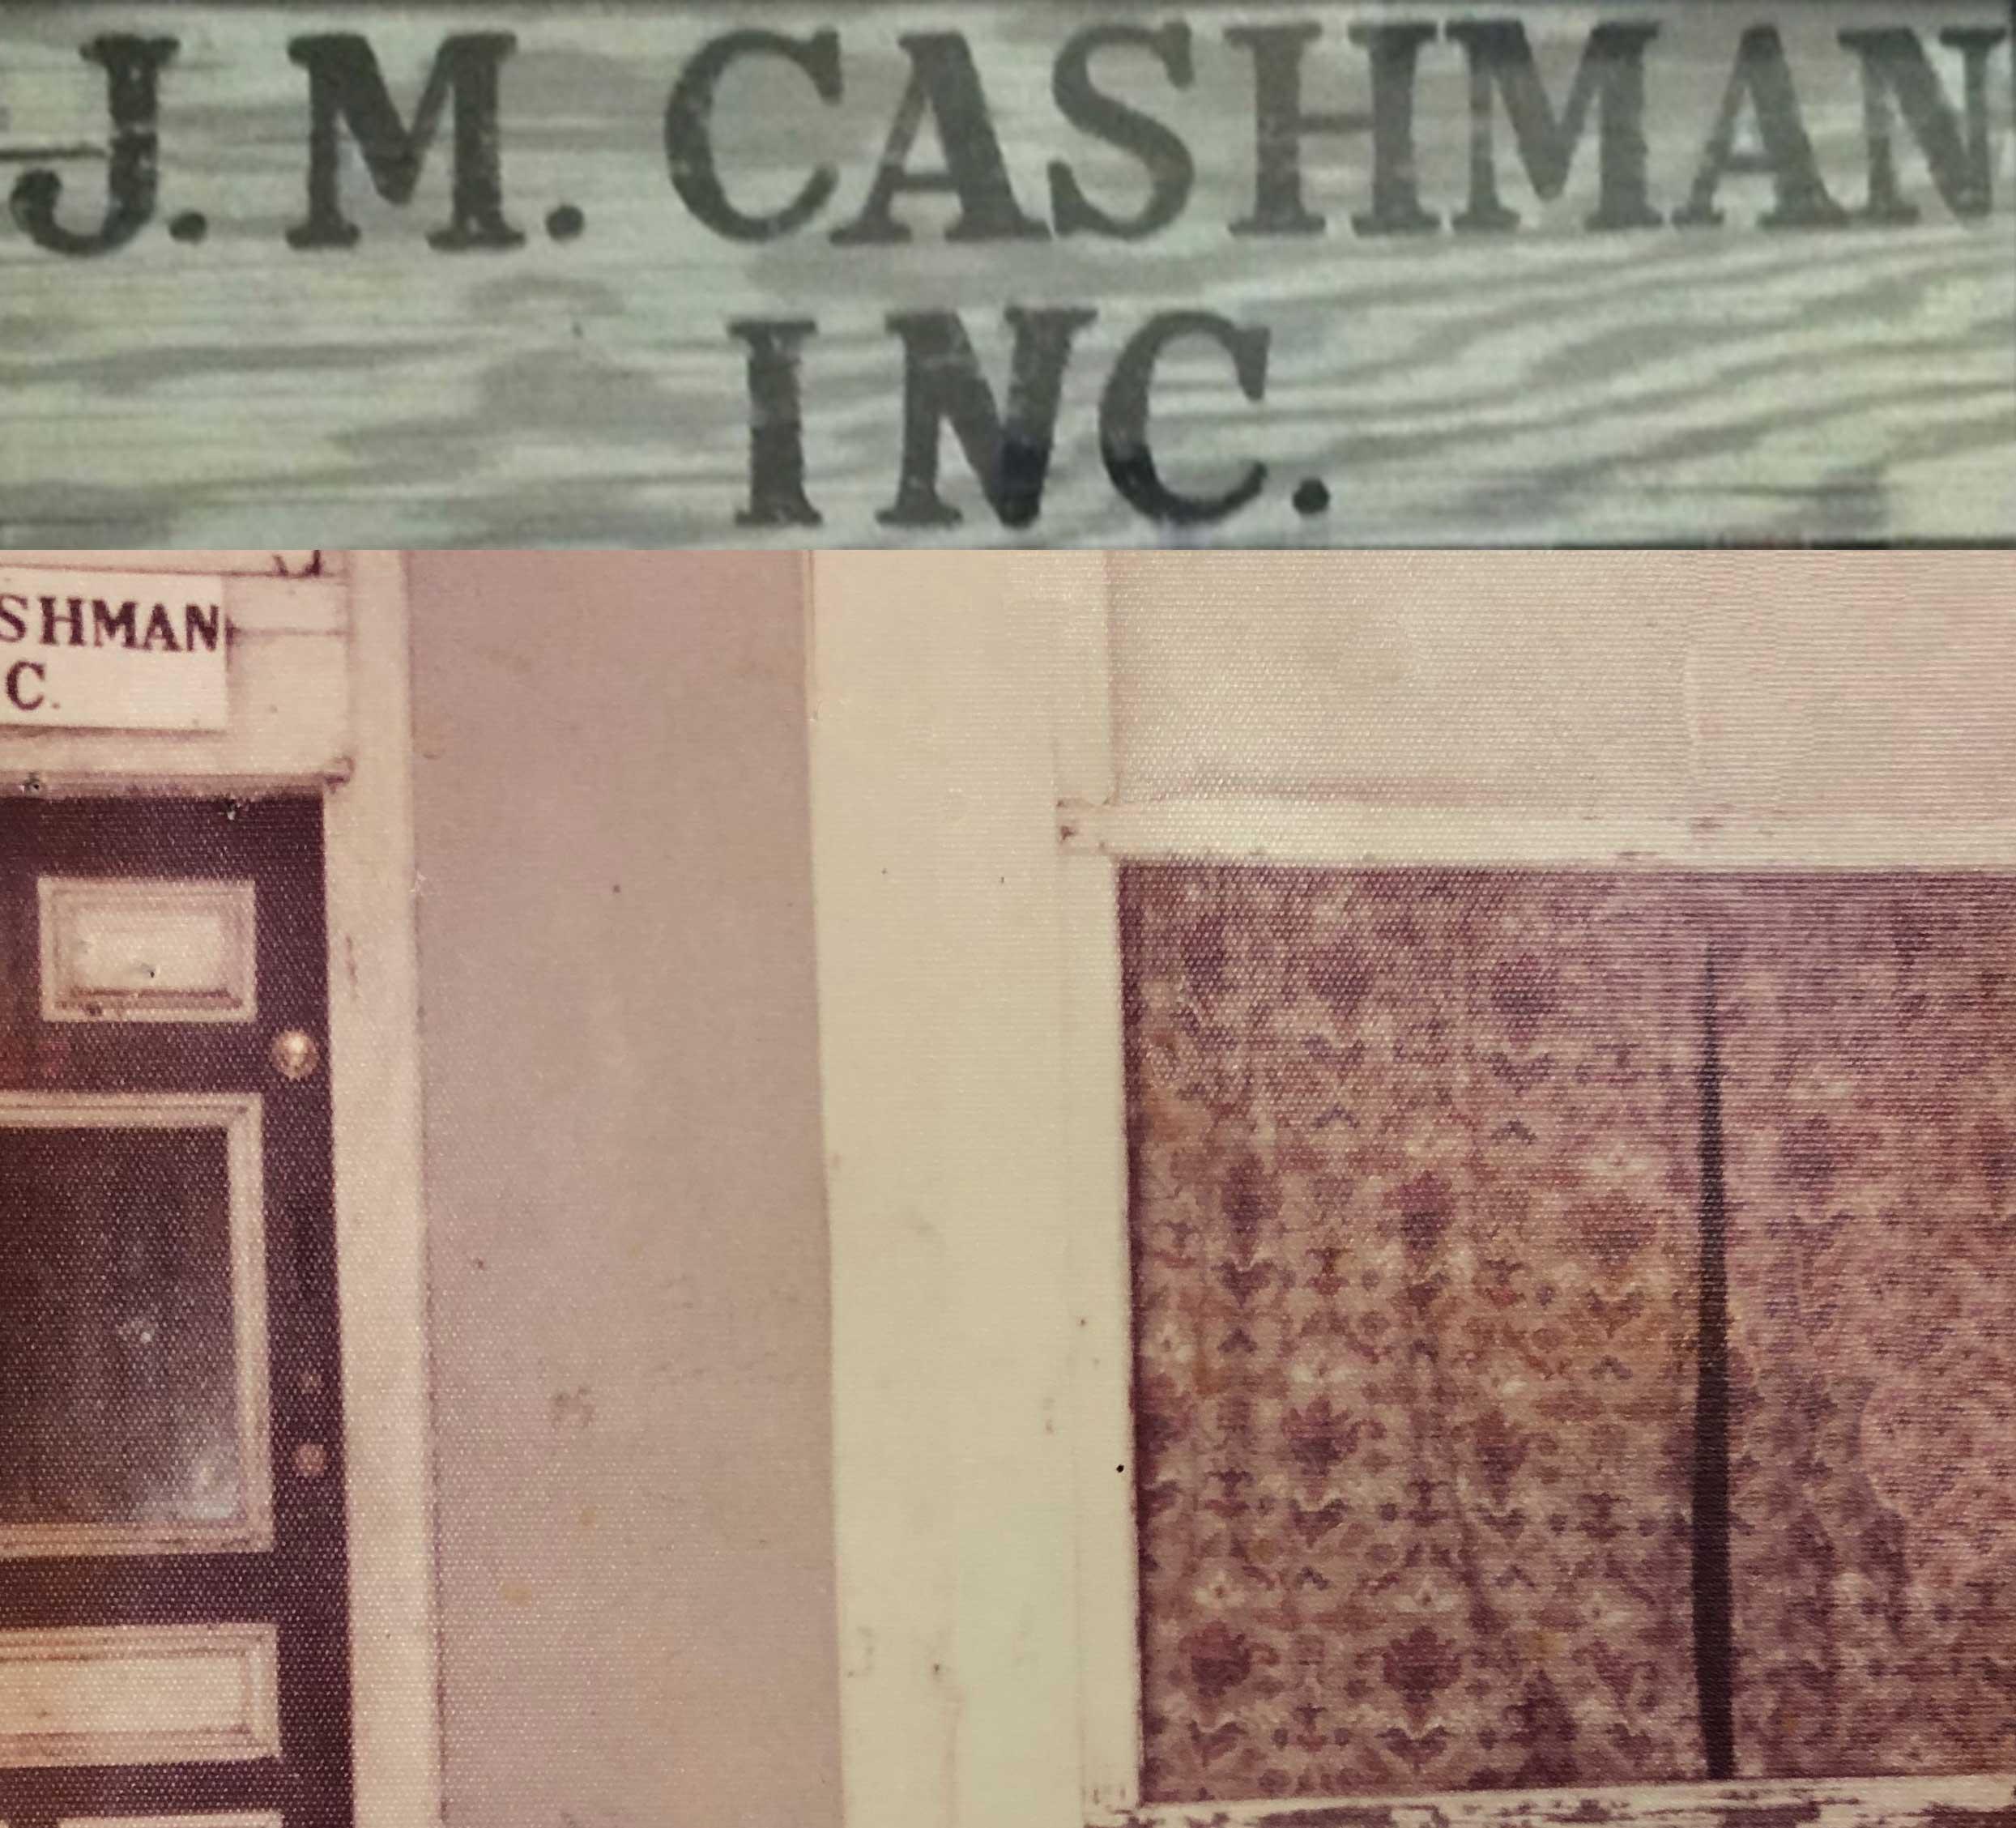 History - Jay Cashman, Inc